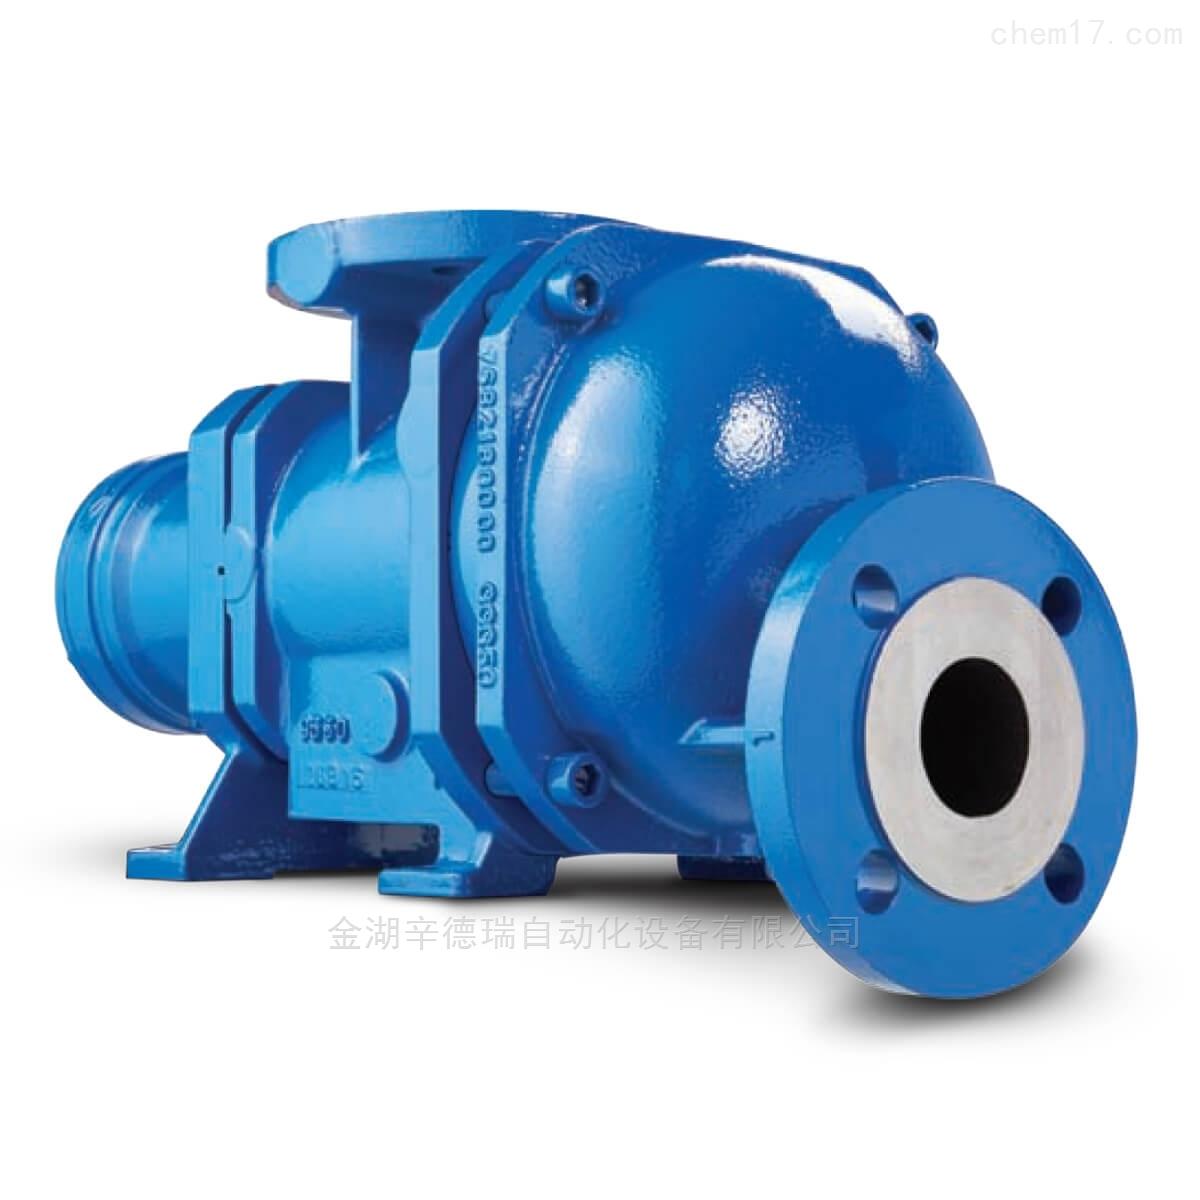 法国MOUVEX偏心圆盘泵原装正品